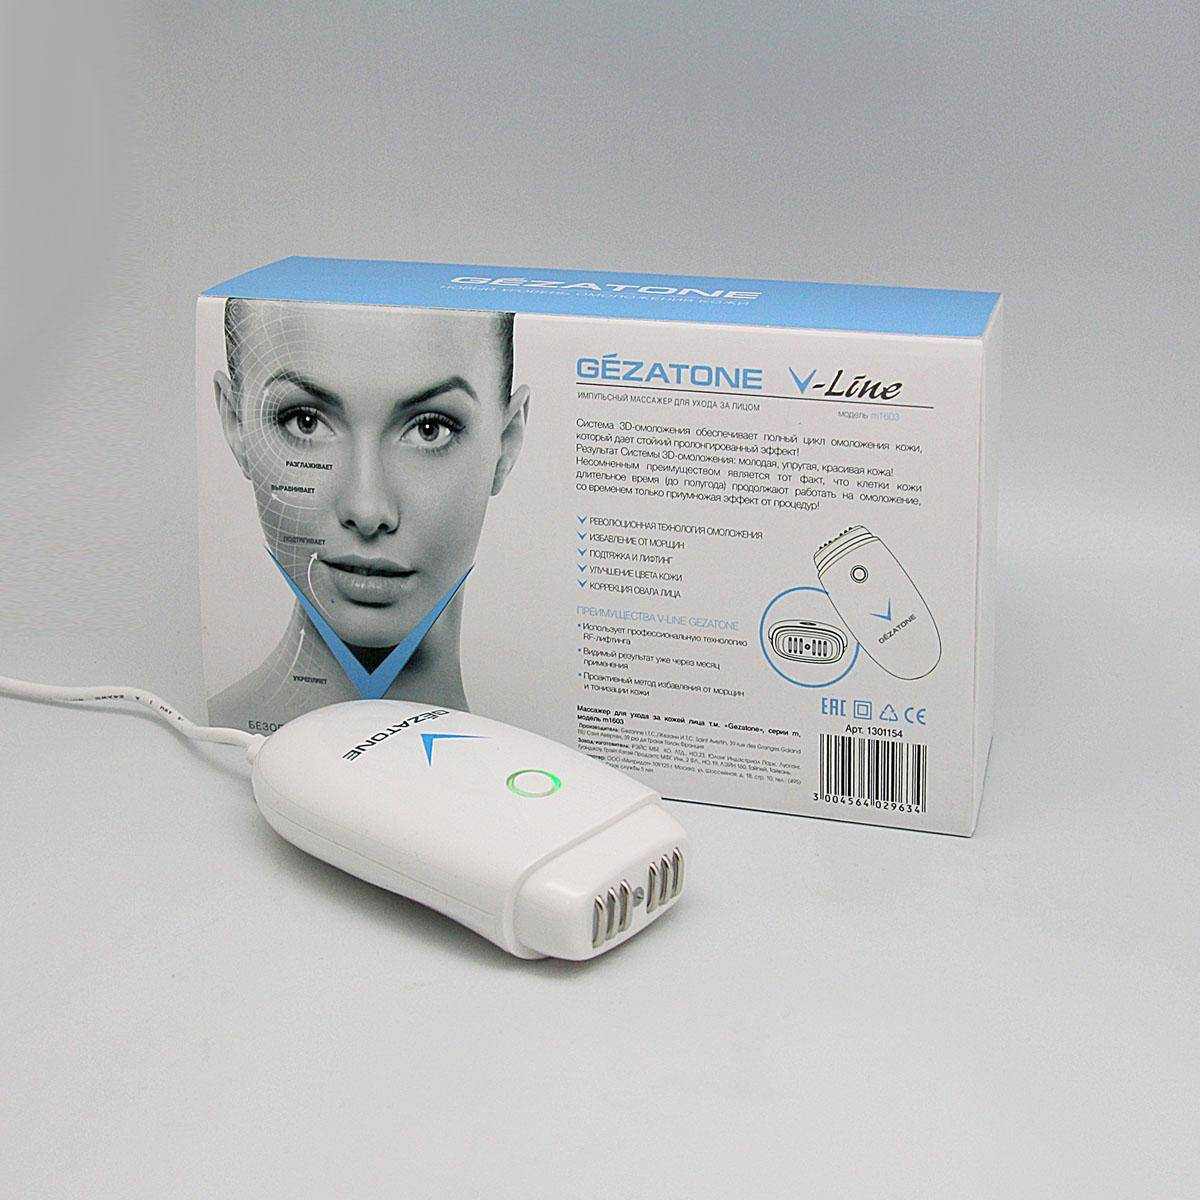 Аппарат rf-лифтинг микротоки: m1605 gezatone и 29 аналогичных устройств для выполнения омолаживающей процедуры для лица